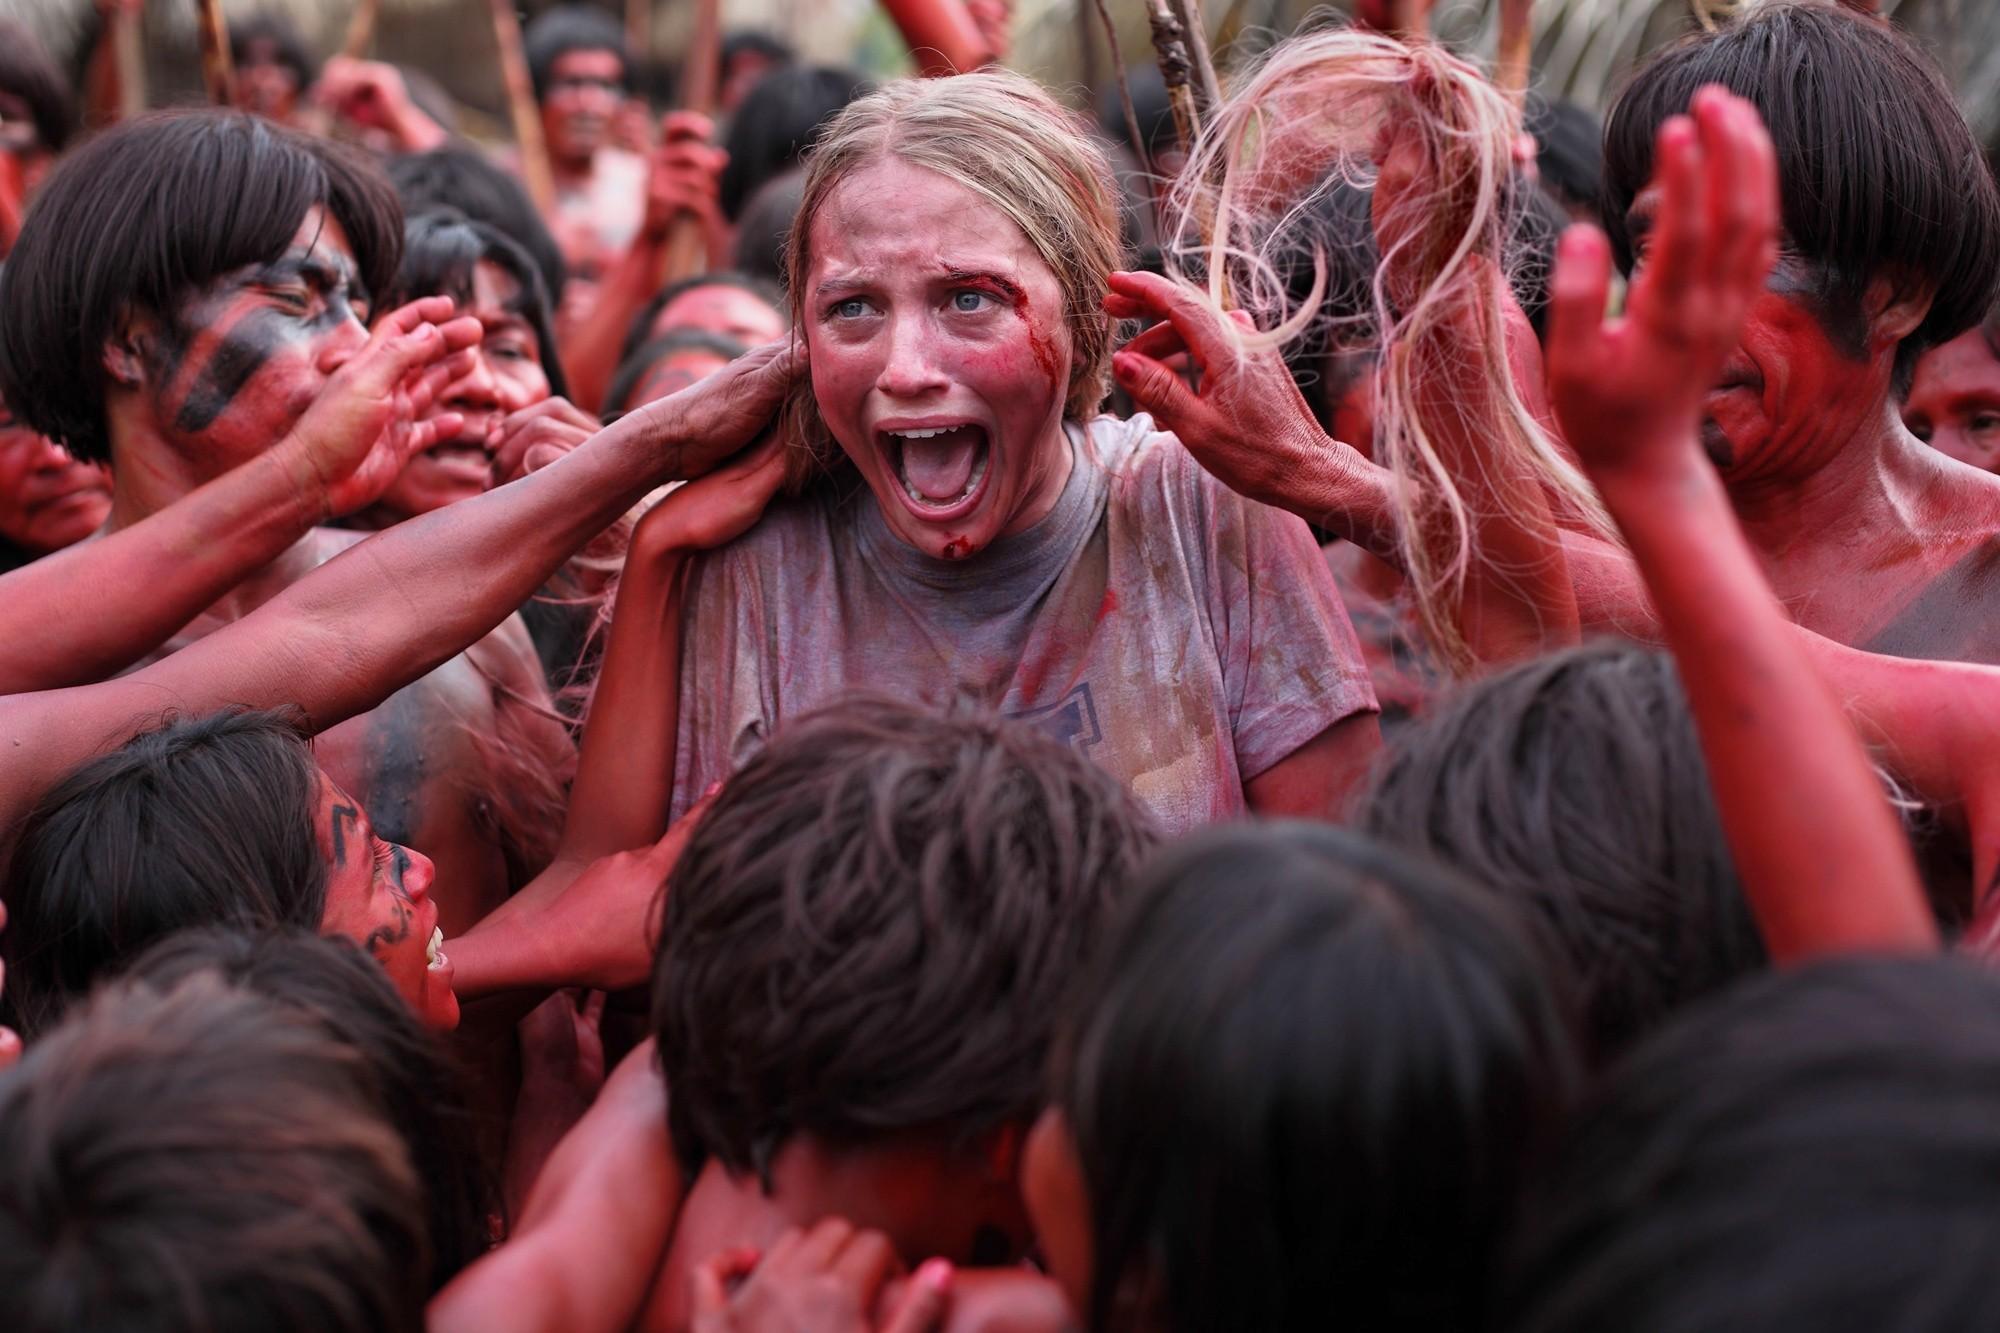 Les 5 raisons pour lesquelles The Green Inferno doit sortir en salles